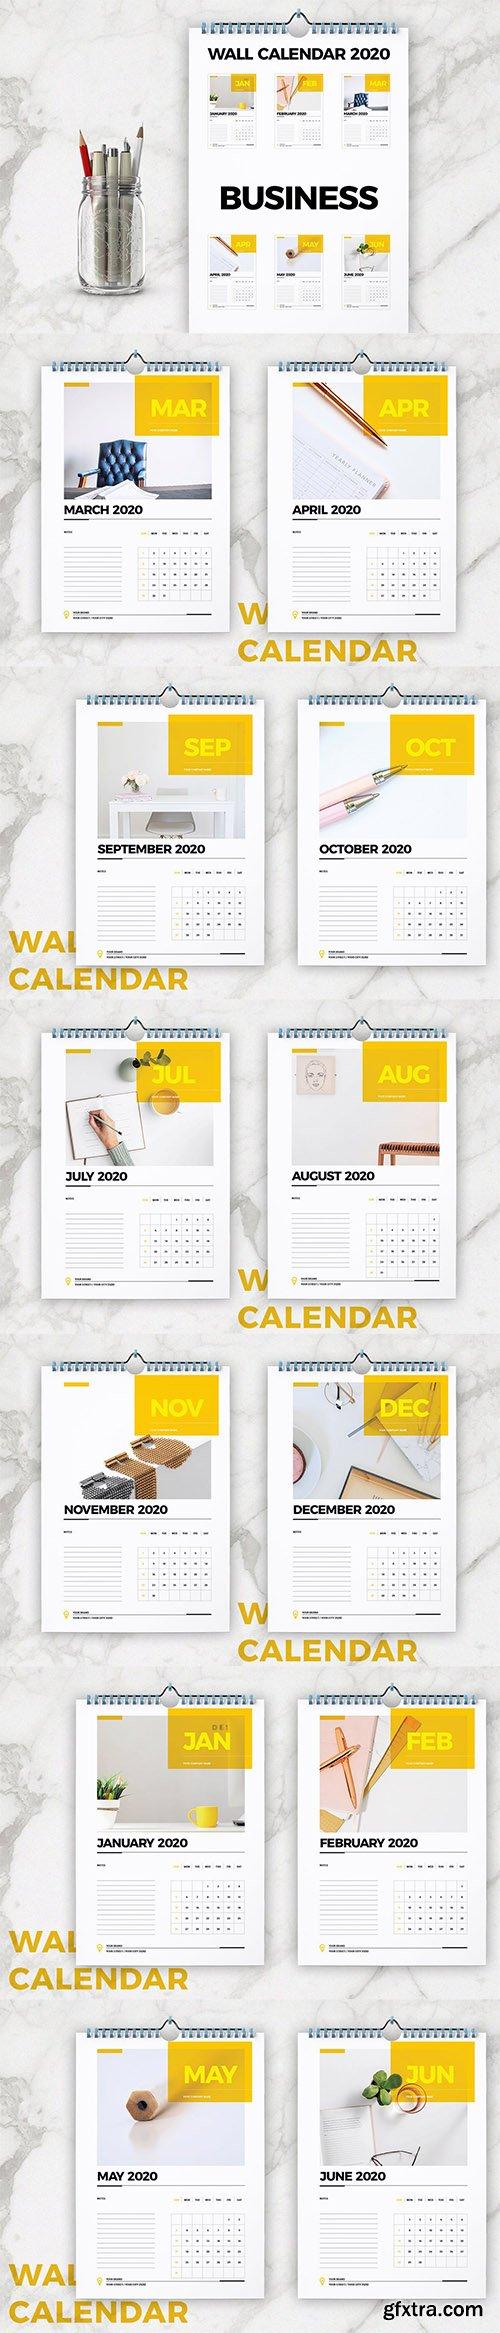 Wall Calendar 2020 Layout 5